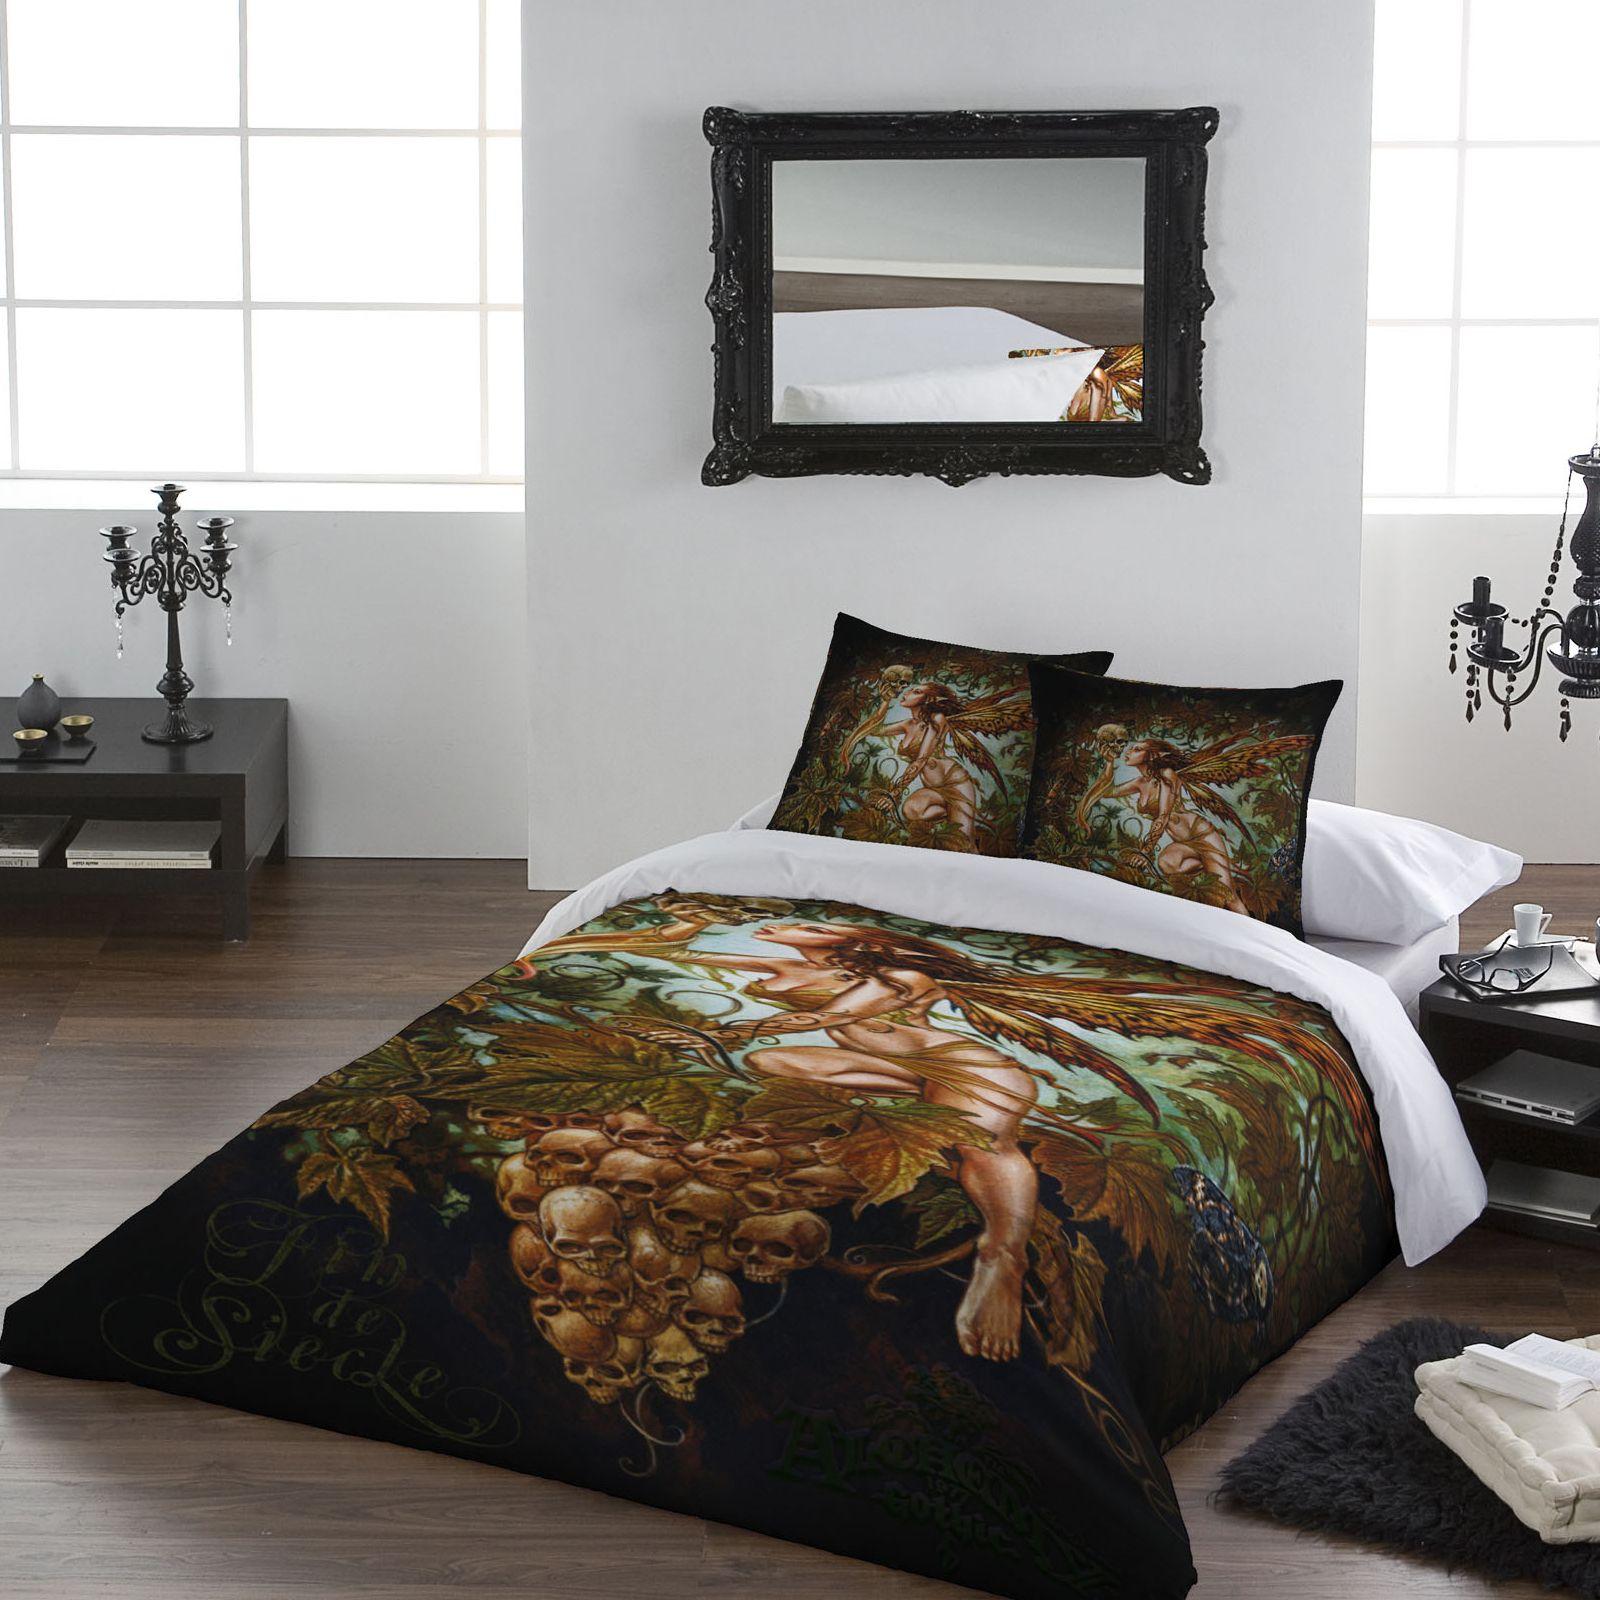 Wild Star Double Bed Duvet Set 'Fin de Seicle' Fantasy